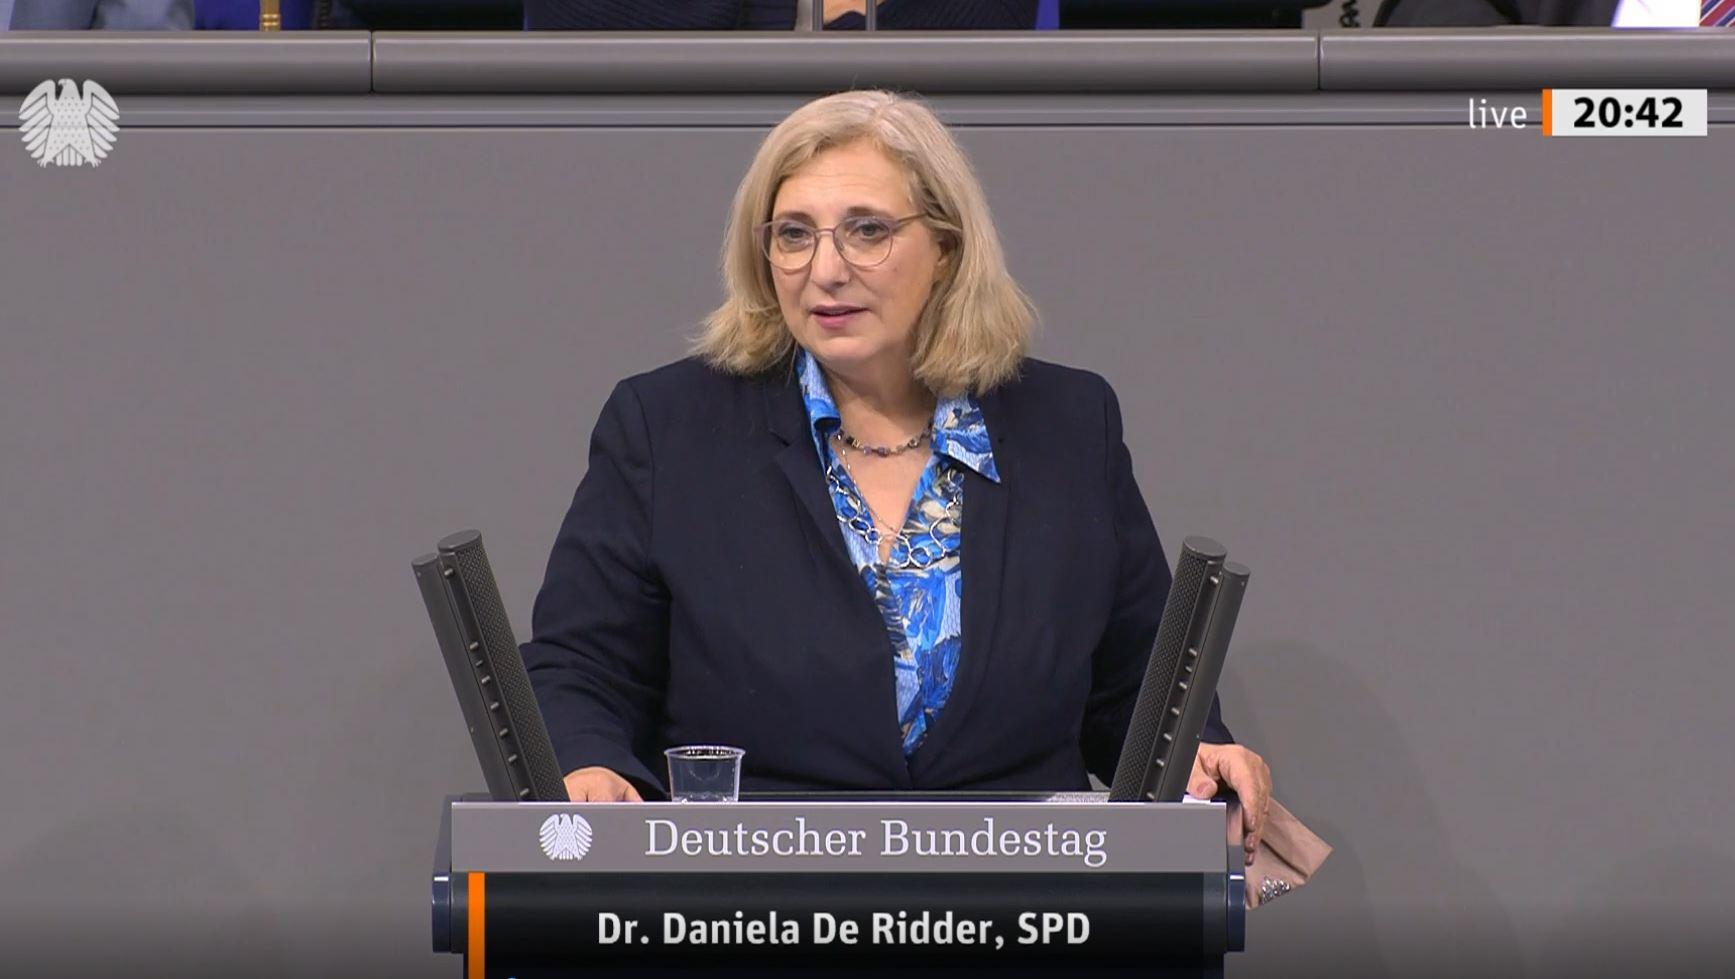 Dr. Daniela De Ridder spricht zur Sahelpolitik der Bundesregierung im Plenum des Deutschen Bundestags